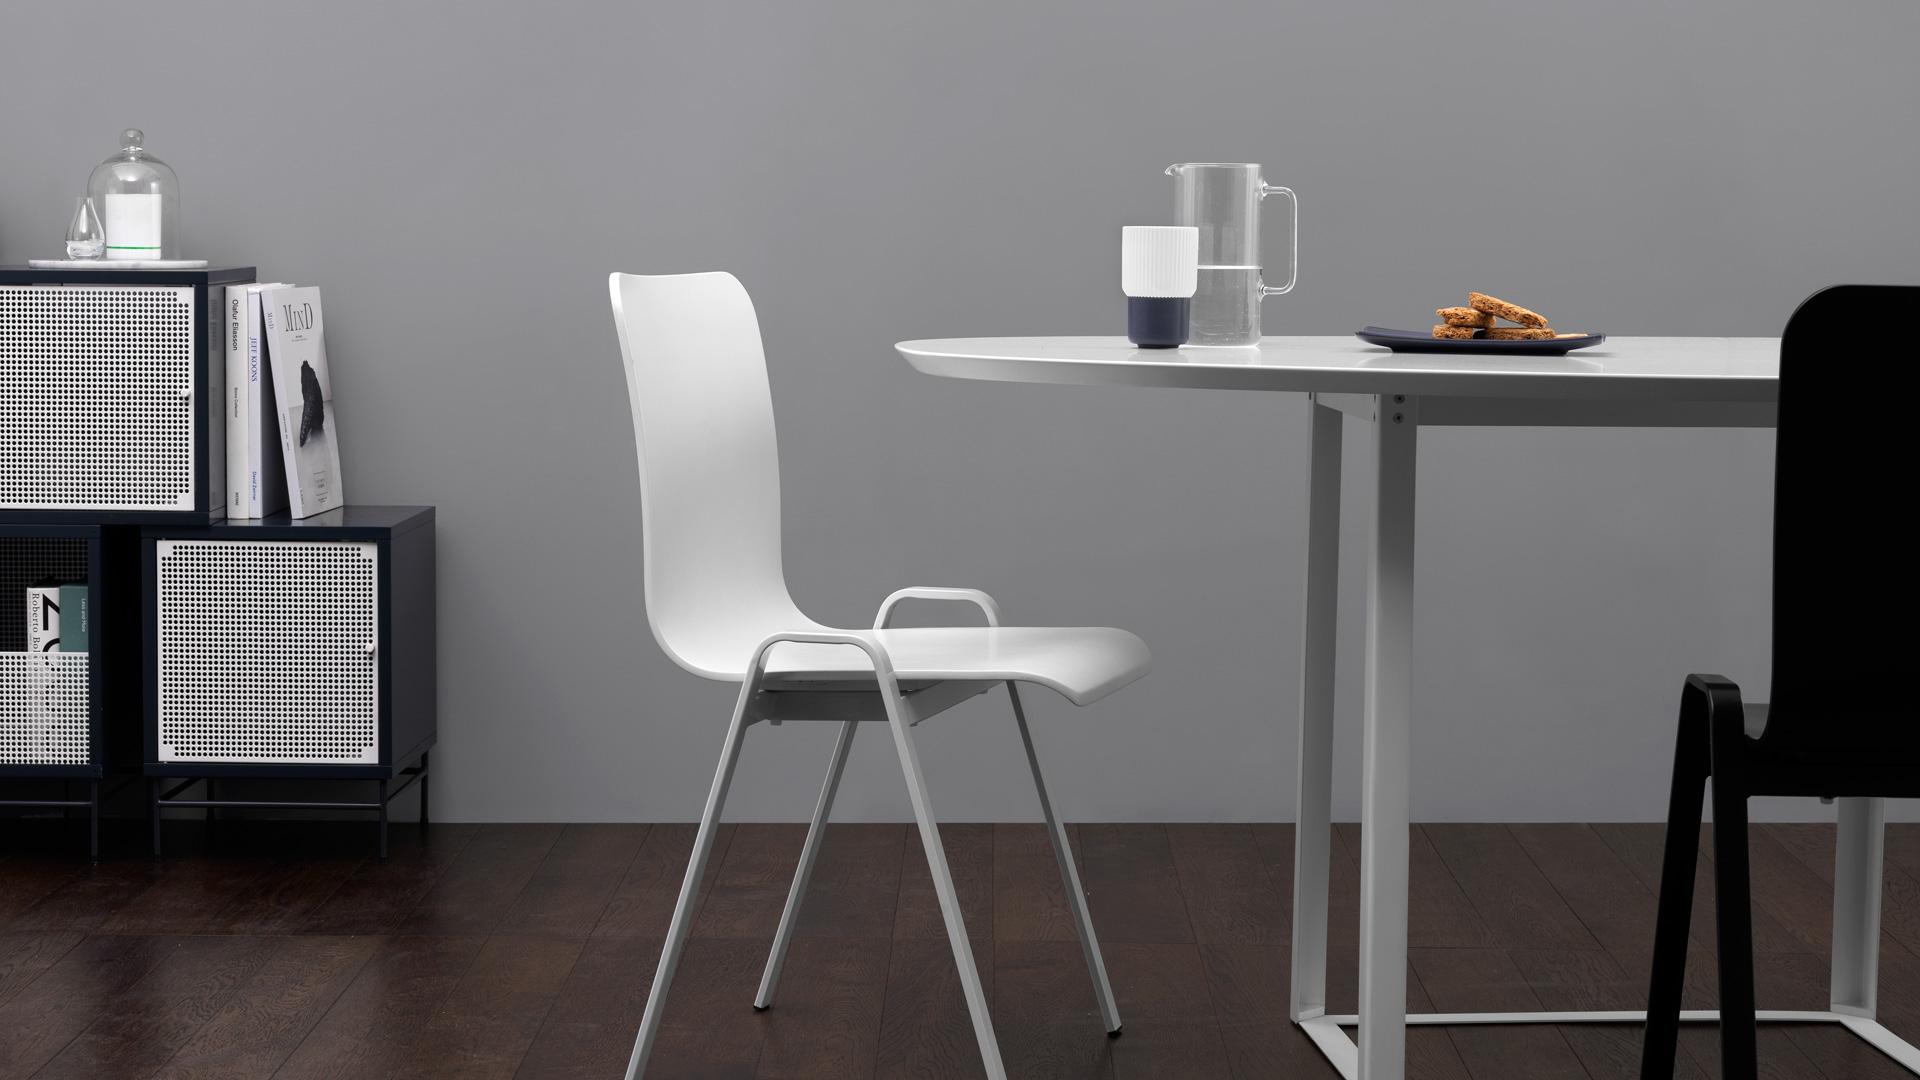 不加多余修饰的硬朗支撑,给餐厅简洁大气的质感,搭配同色系餐桌和餐具,带来清爽不流俗的个性格调。